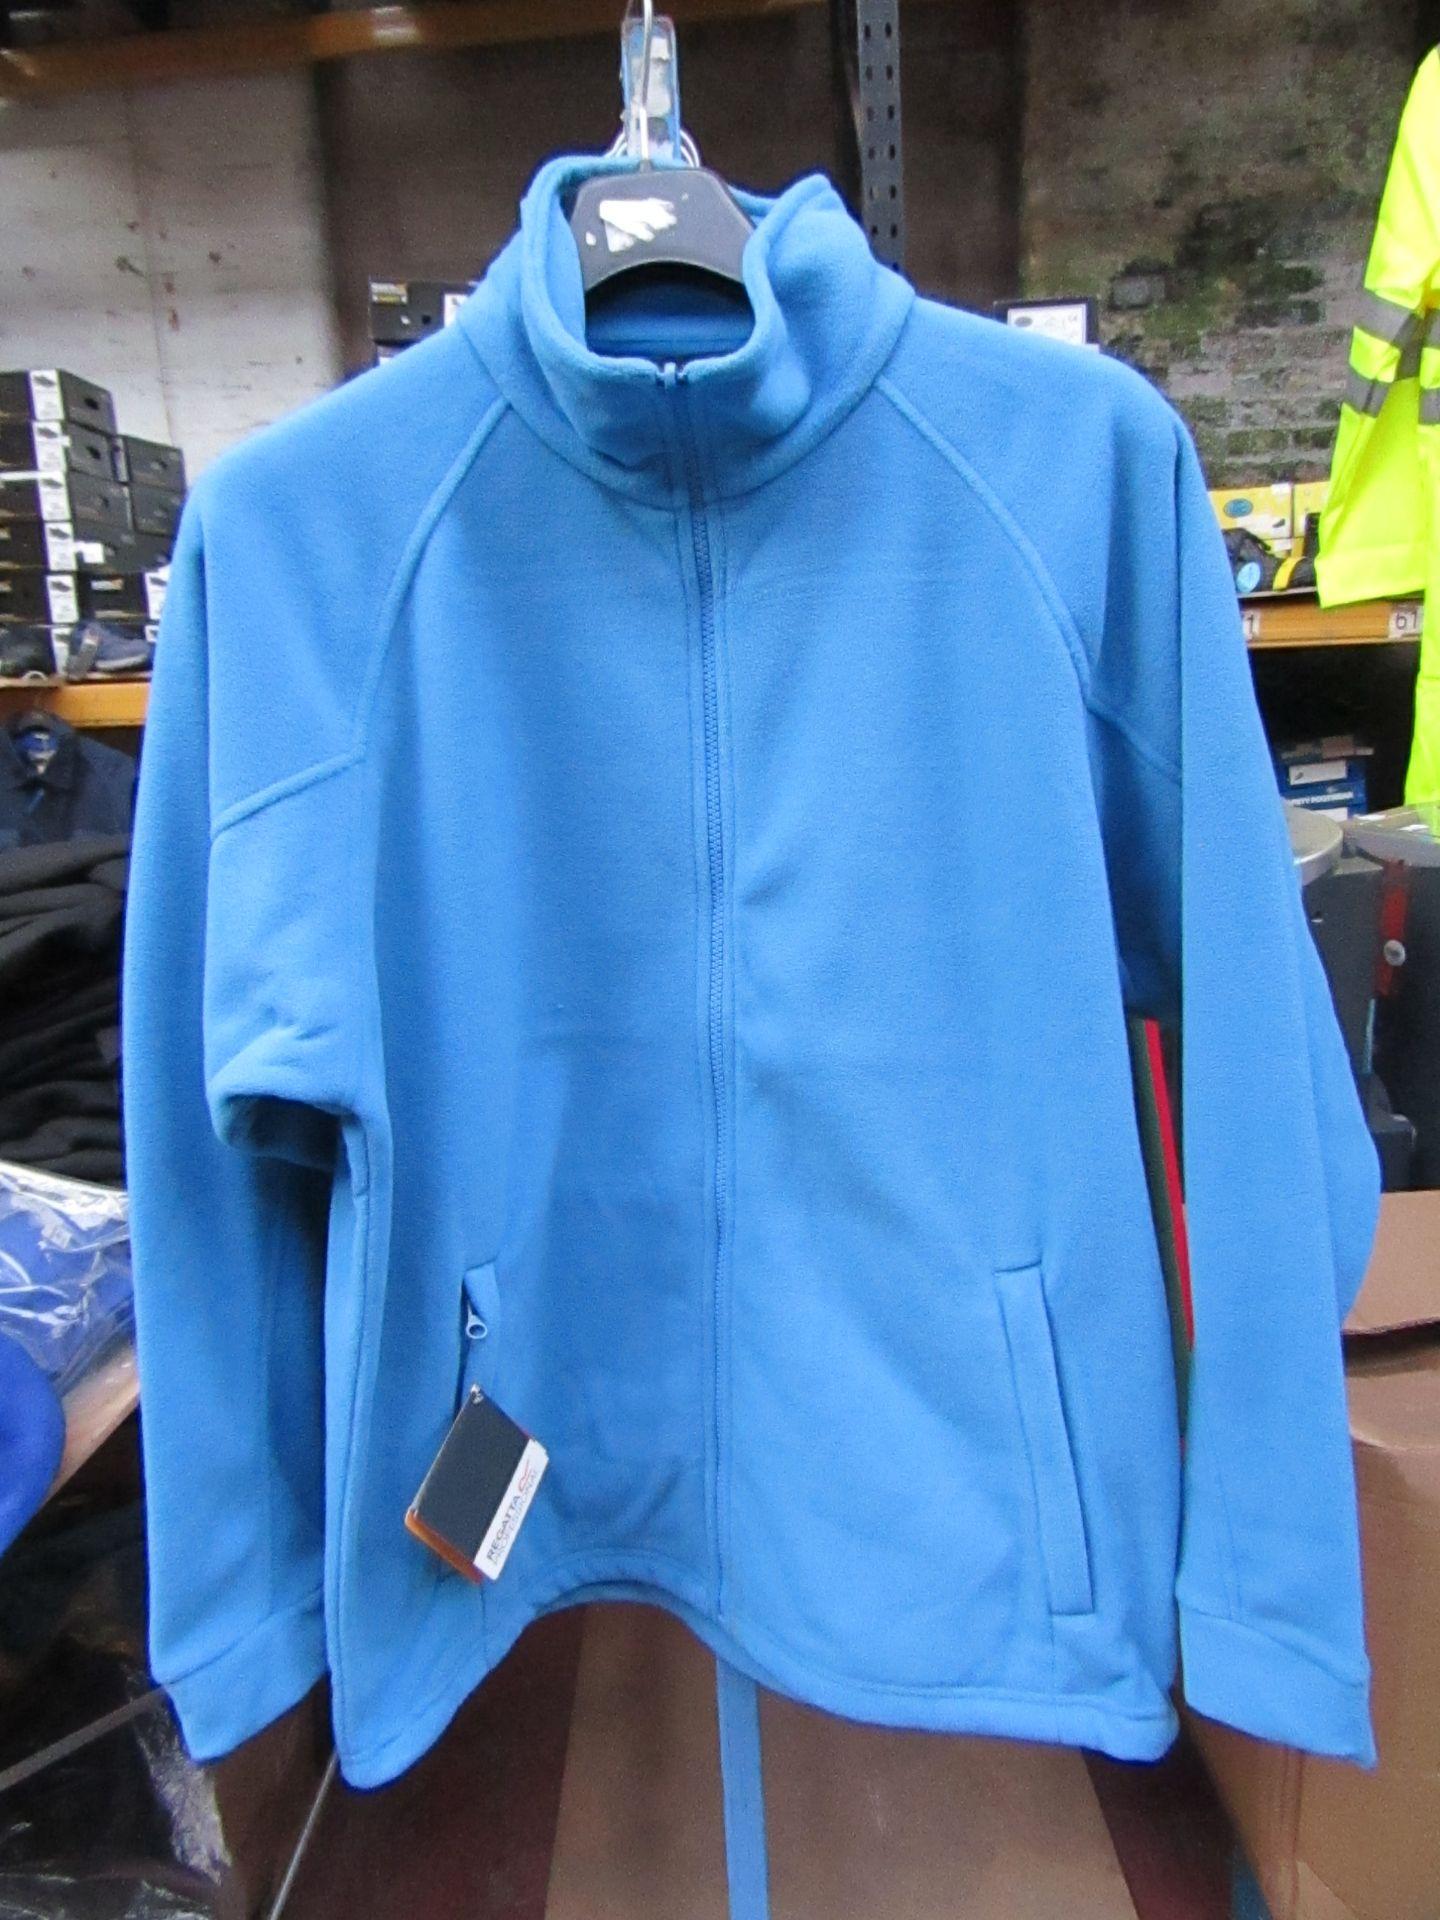 Lot 2 - Men's Regatta Professional Fleece Coastal Blue. Size S. new in Packaging